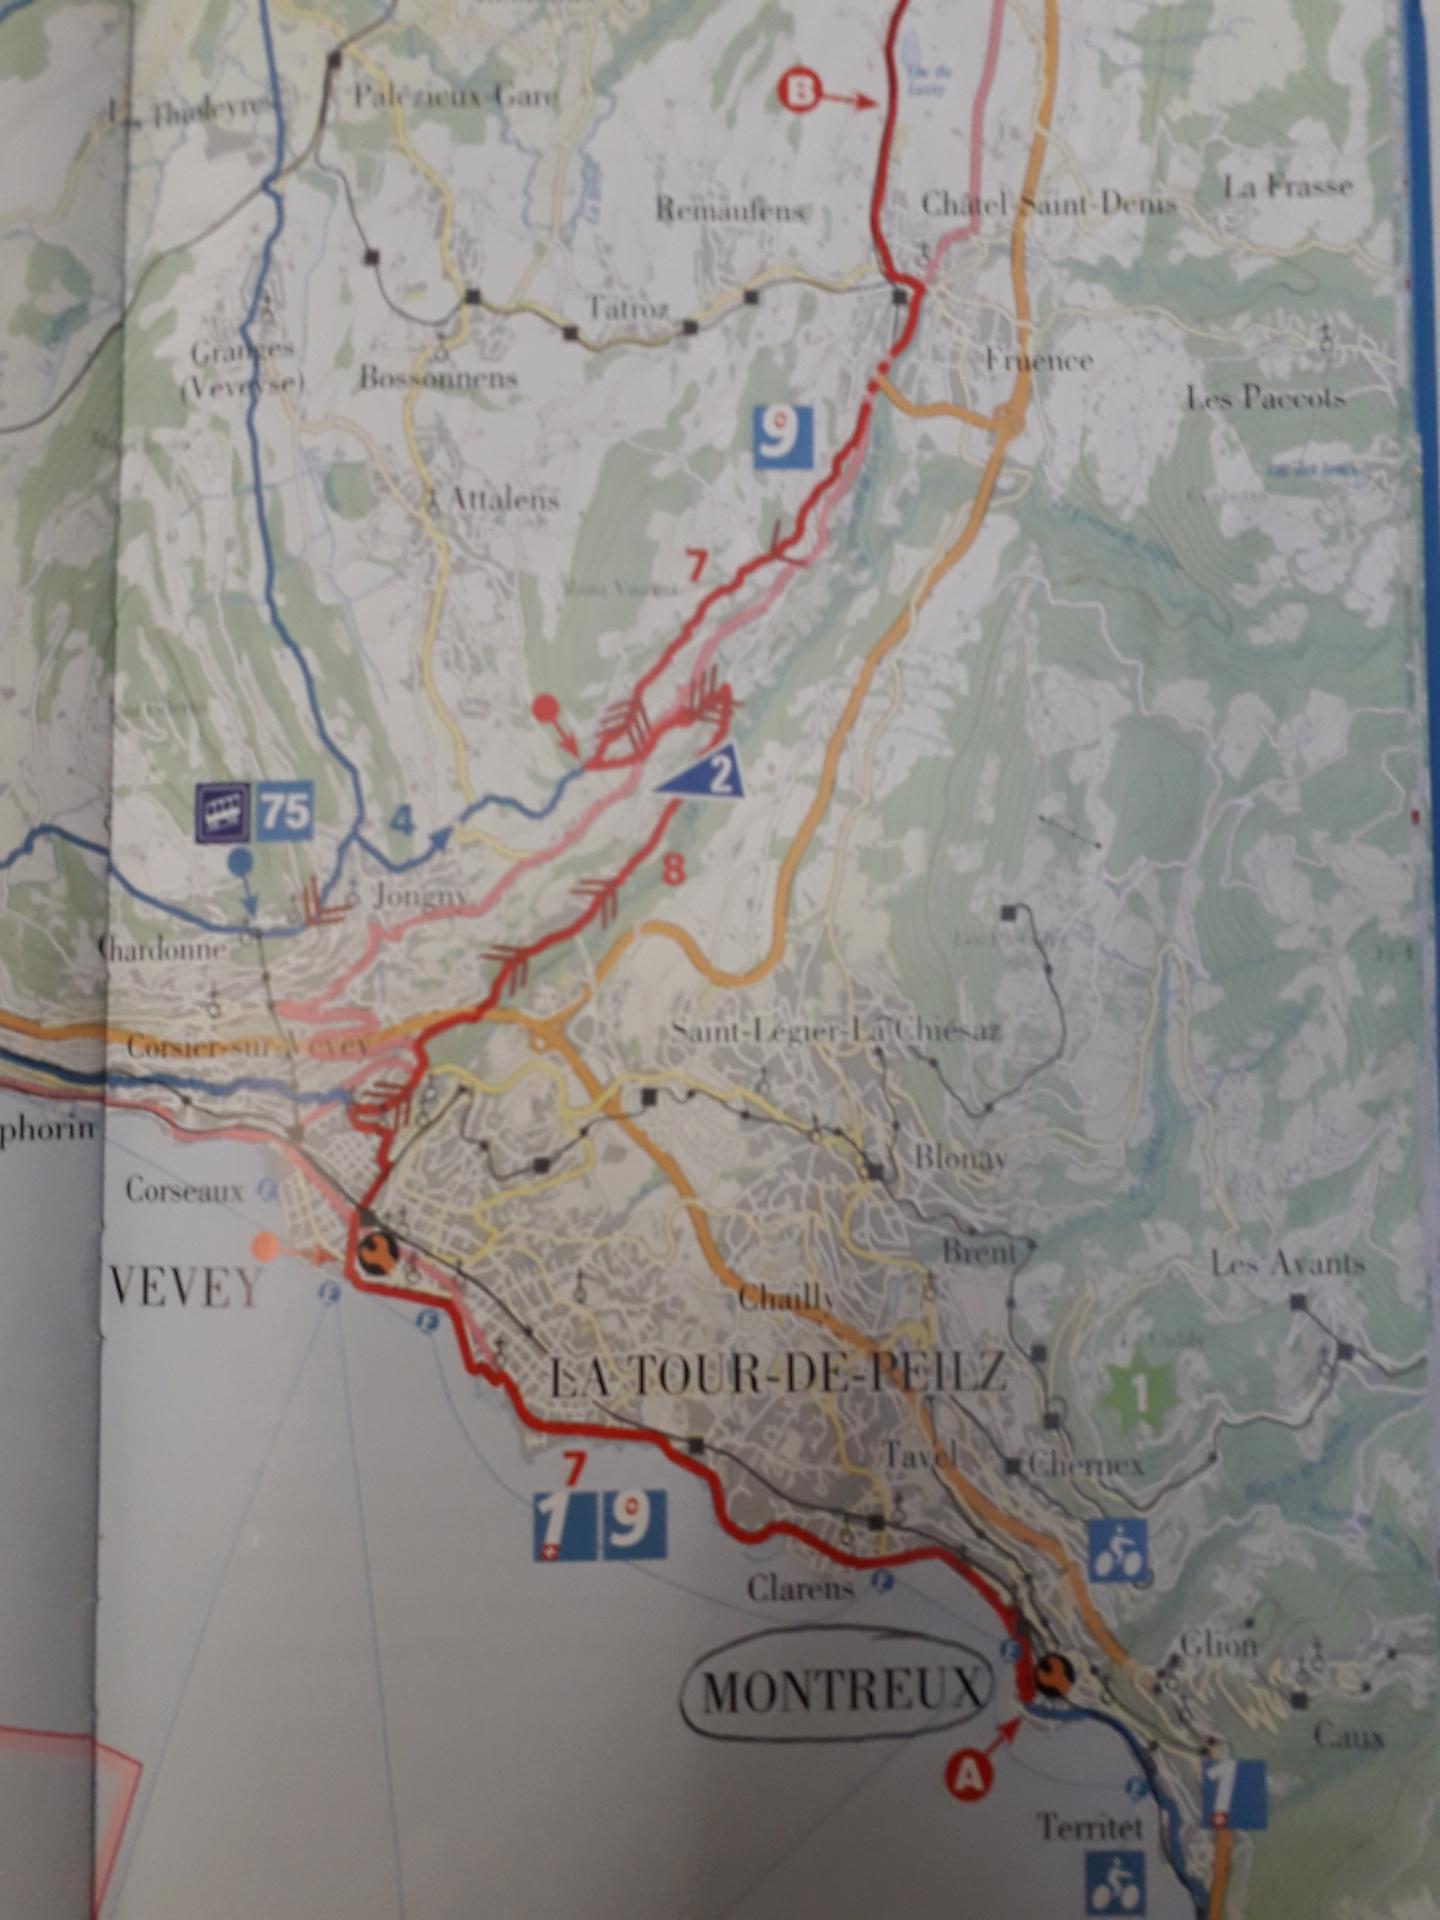 La Route des lacs - Suisse [7 au 12 juin] saison 14 •Bƒ 20190511